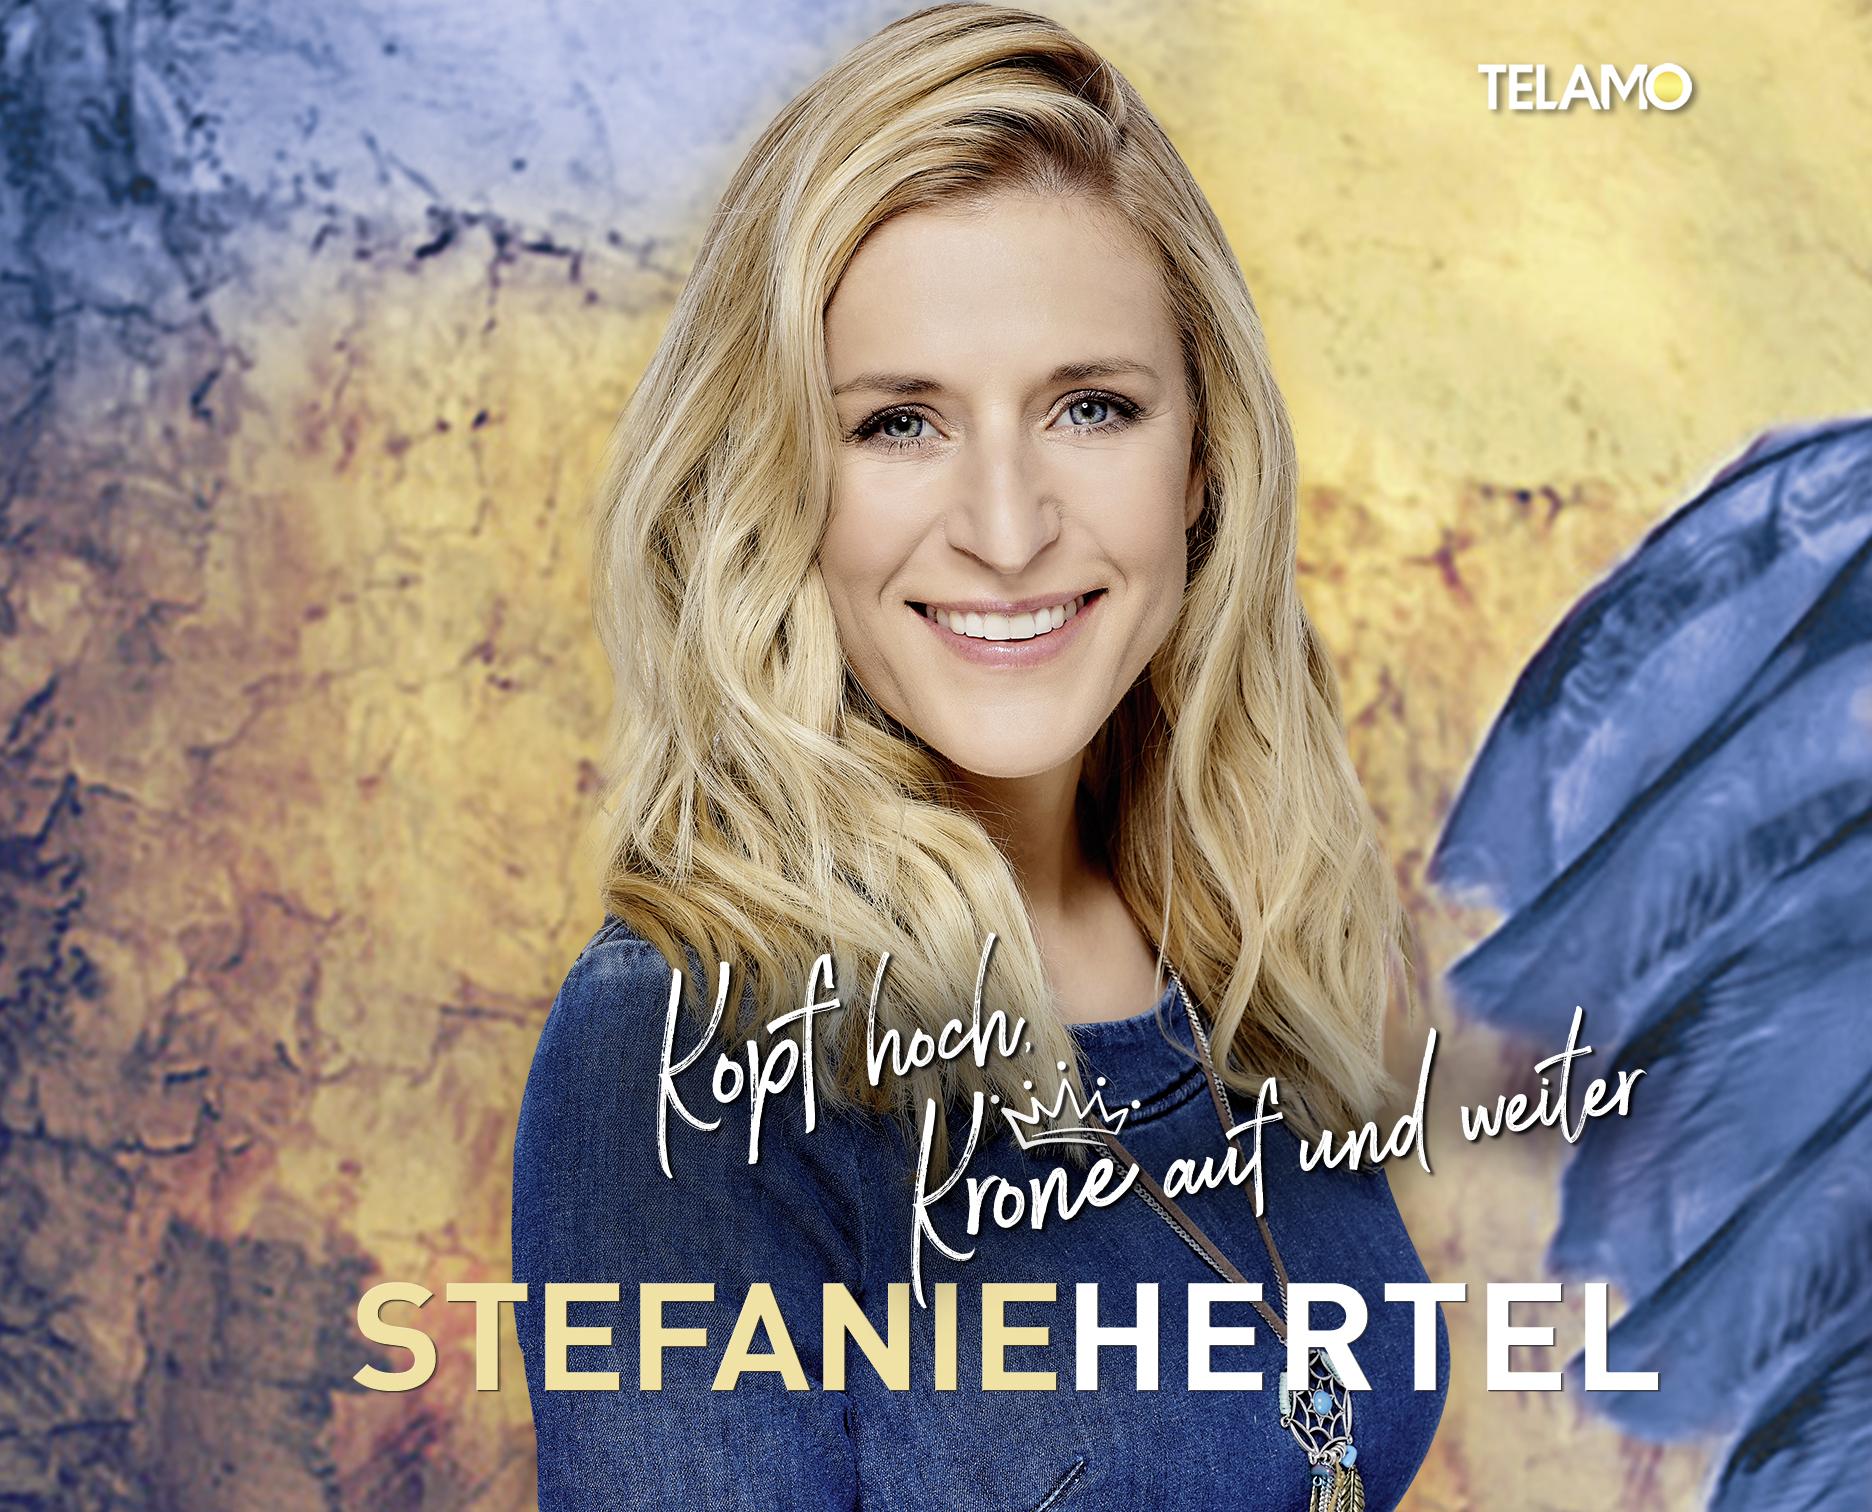 """Hier geht es direkt zum Album von Stefanie Hertel: """"Kopf hoch, Krone auf und weiter"""""""